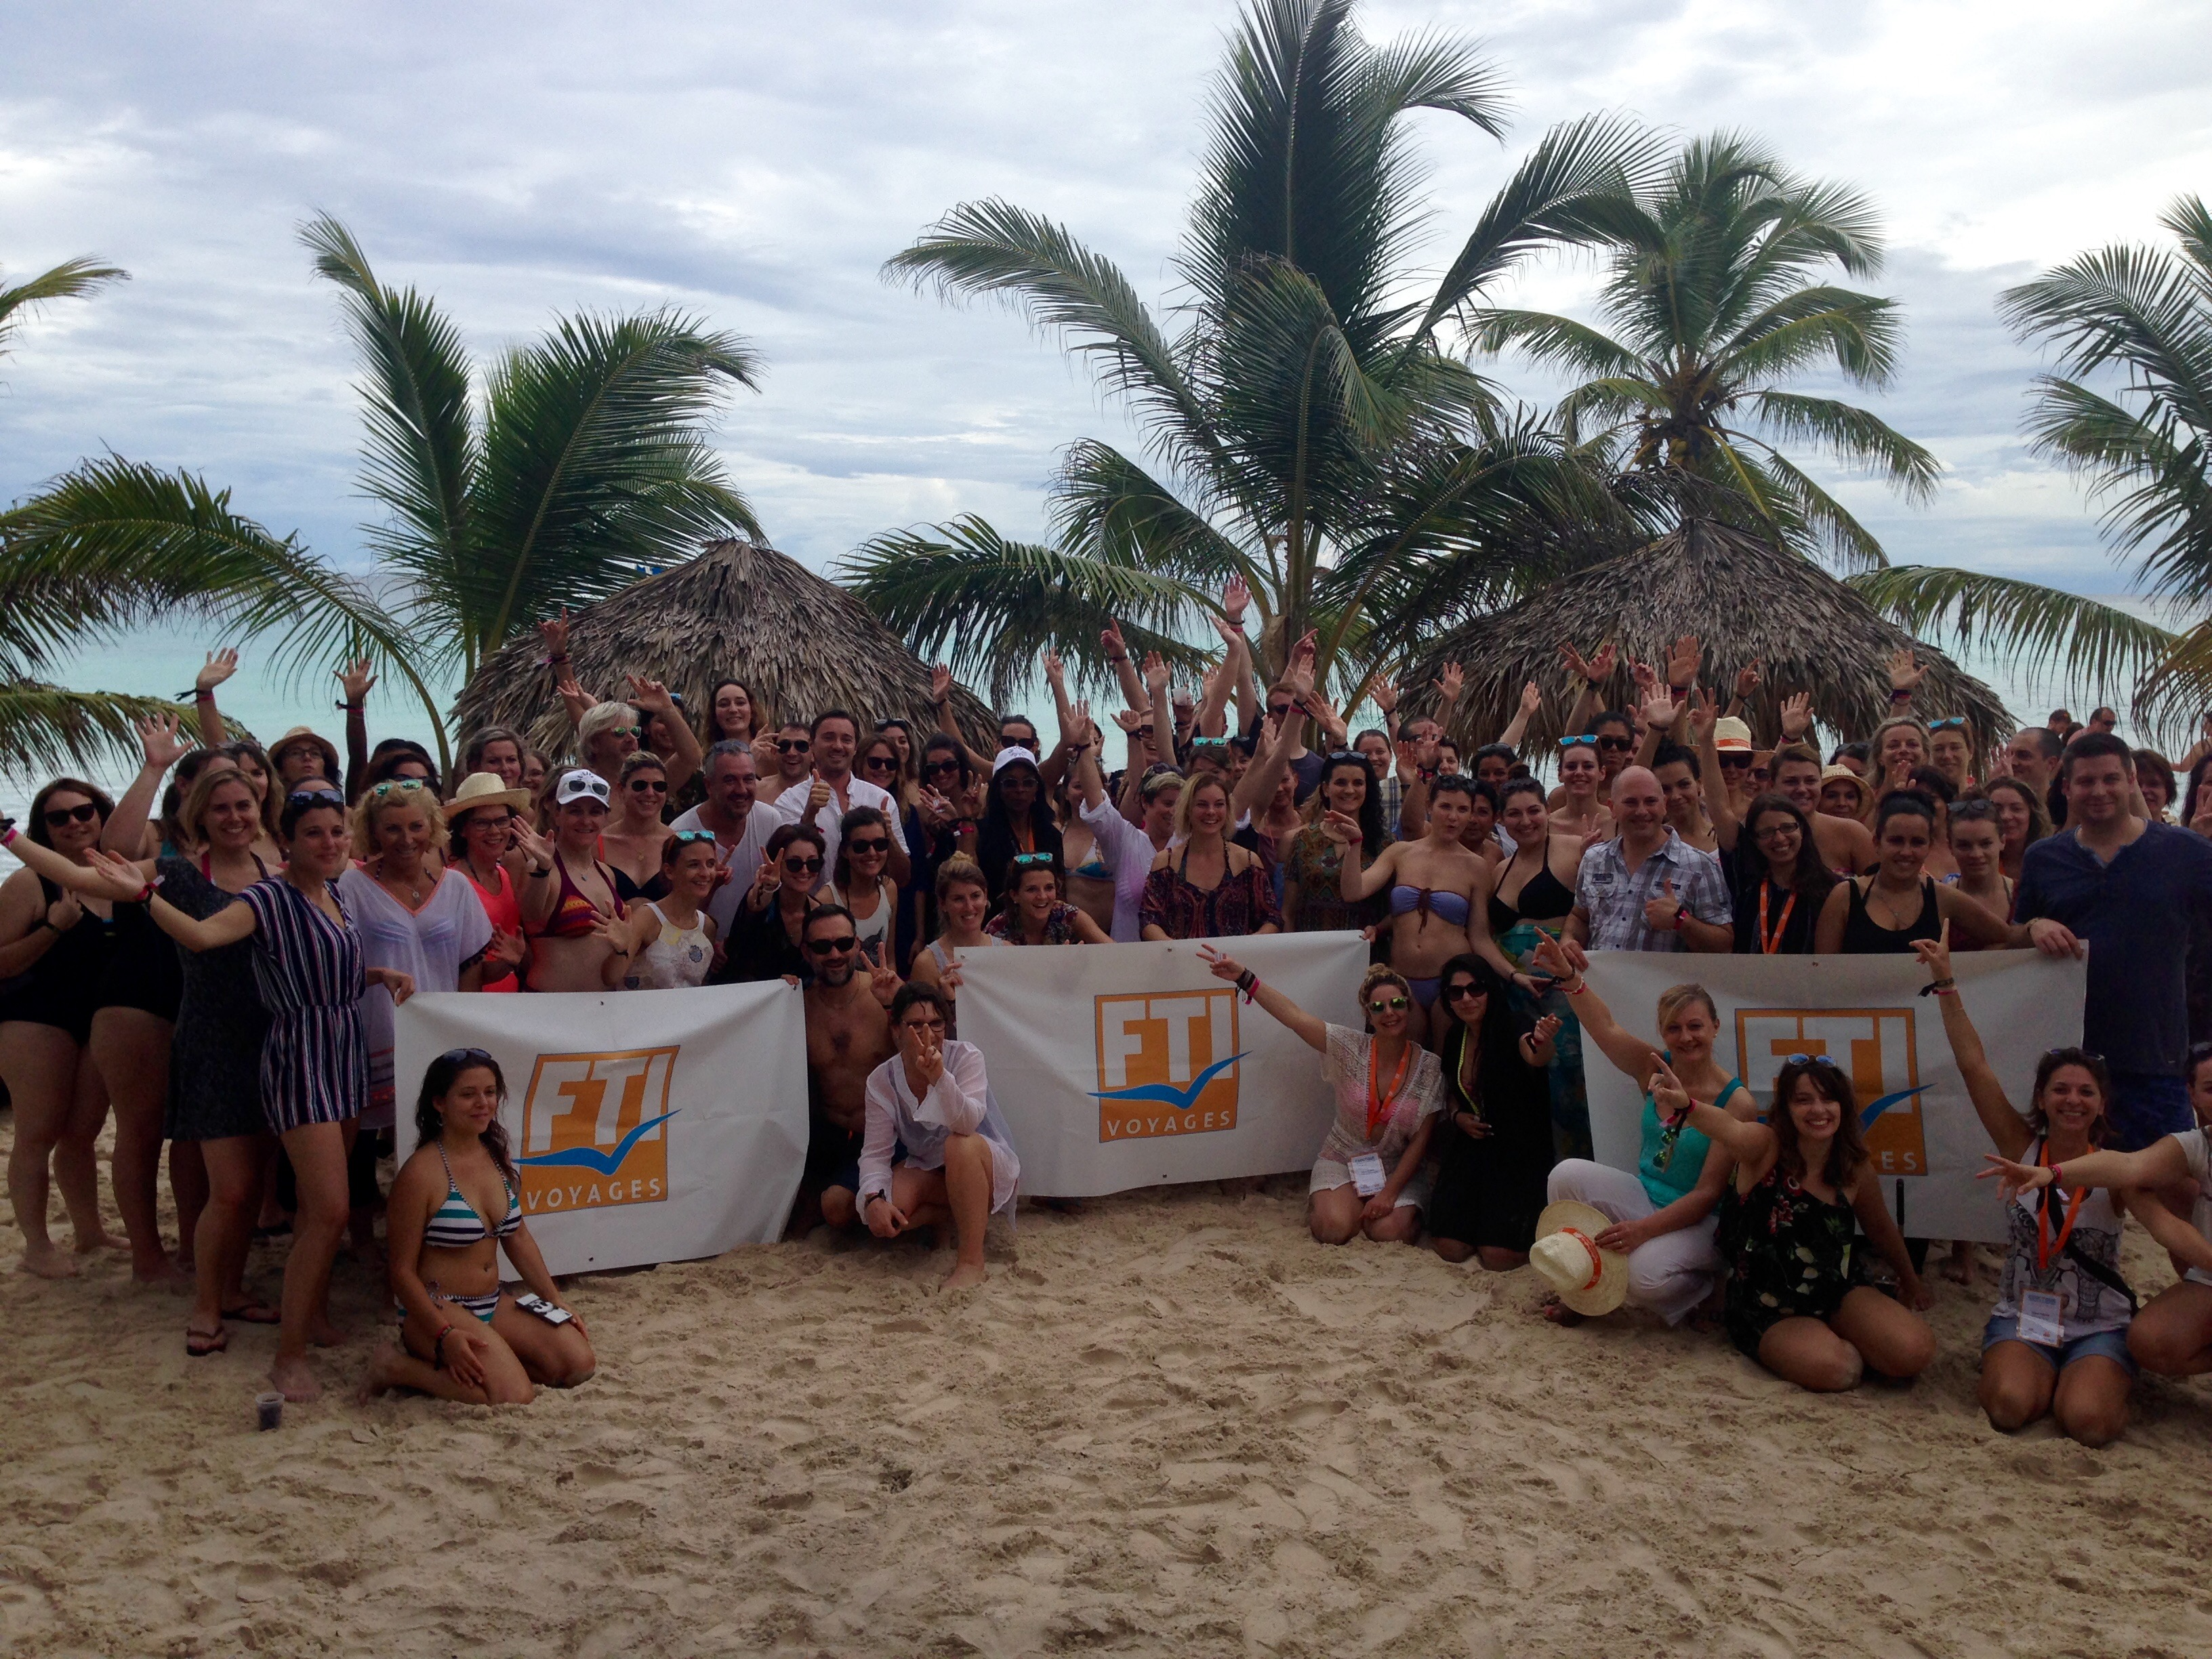 L'éductour organisé par FTI Voyages en République Dominicaine a rassemblé 90 participants du 17 au 21 novembre 2017 - Photo CL